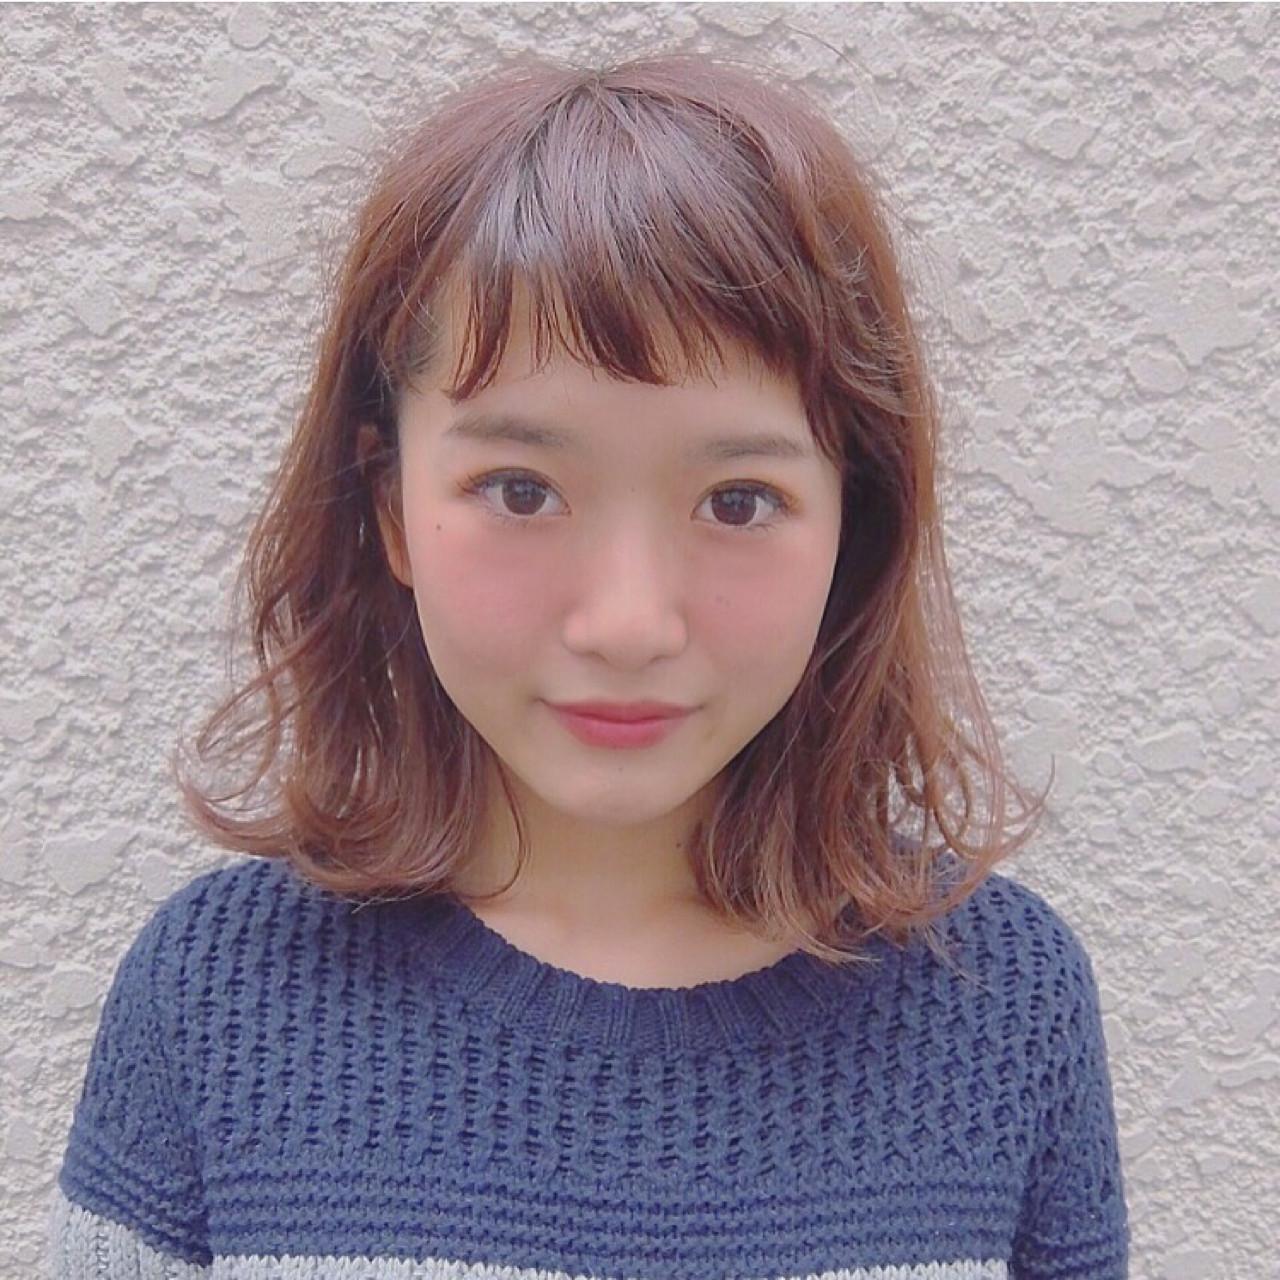 オン眉 ゆるふわ 大人かわいい おフェロ ヘアスタイルや髪型の写真・画像 | Chihiro Hayakawa /